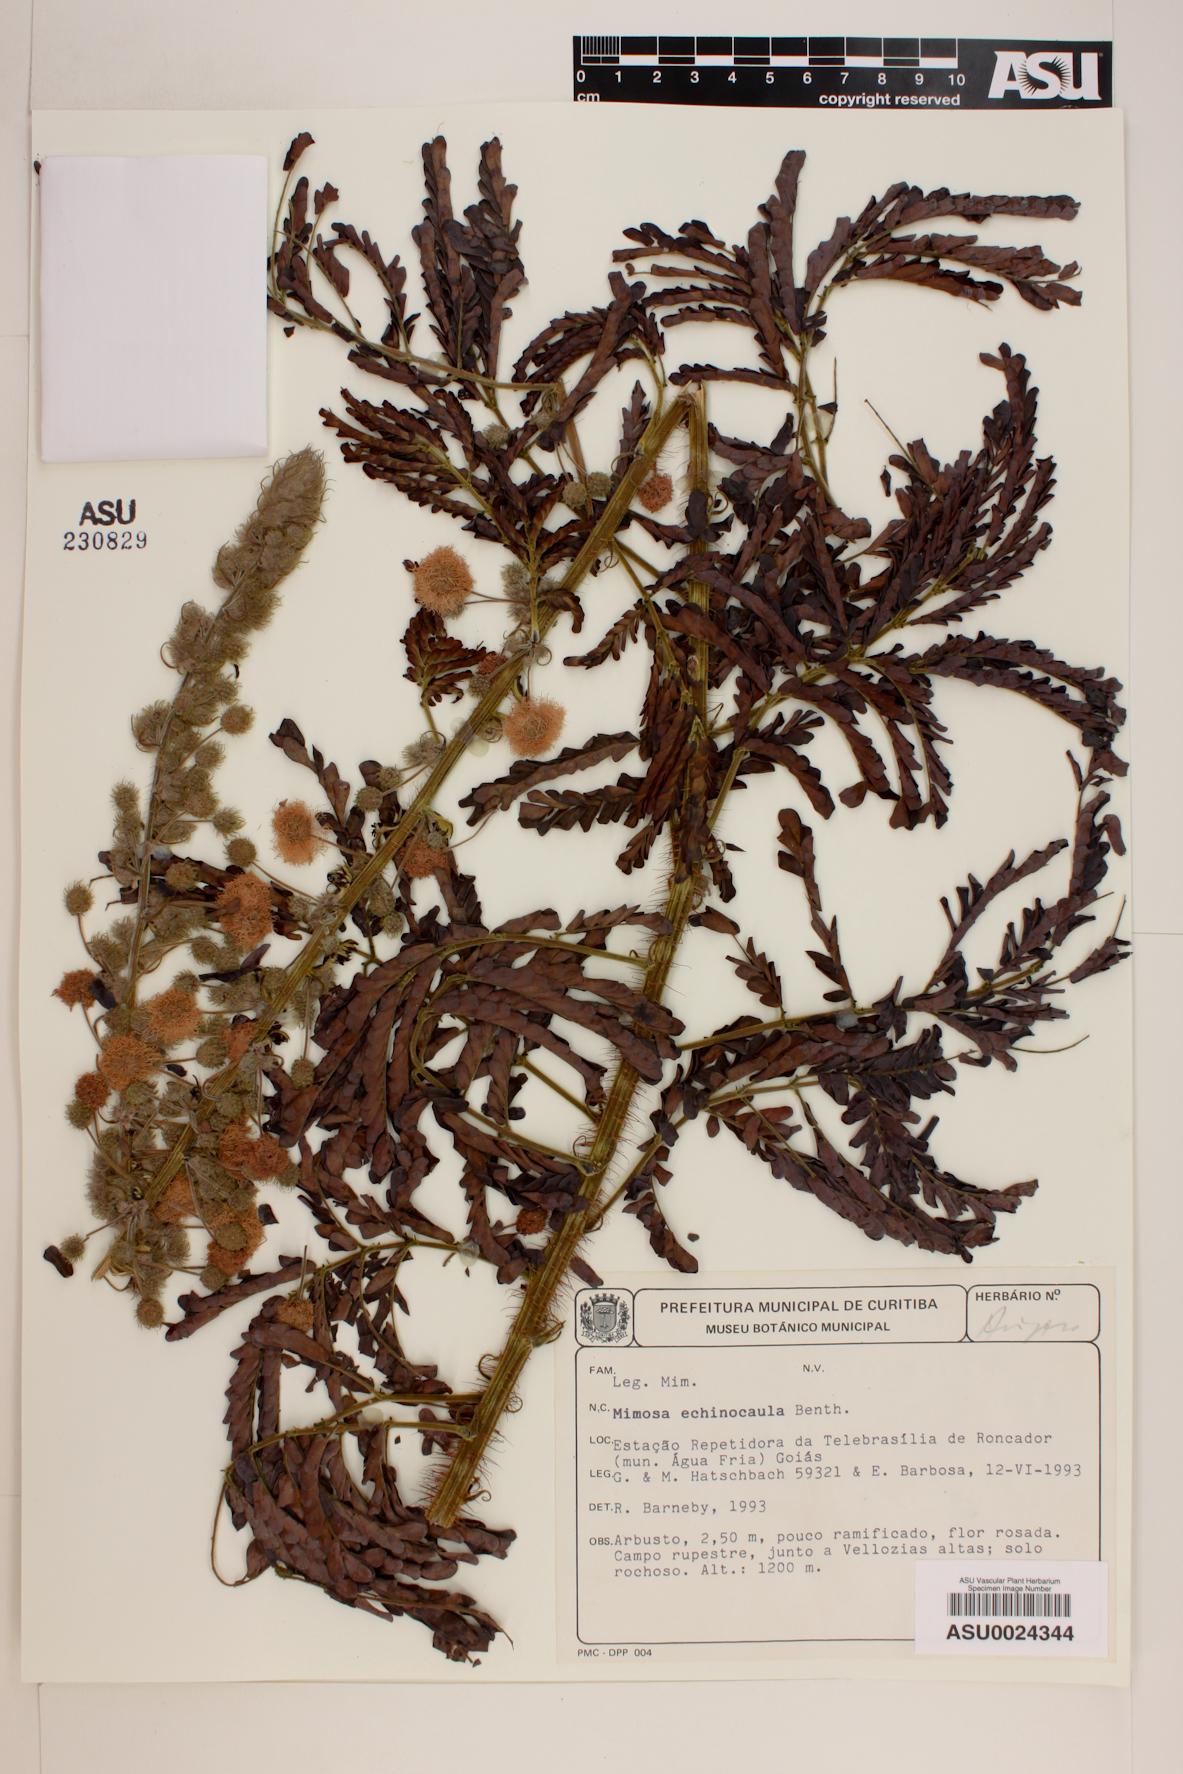 Mimosa echinocaula image